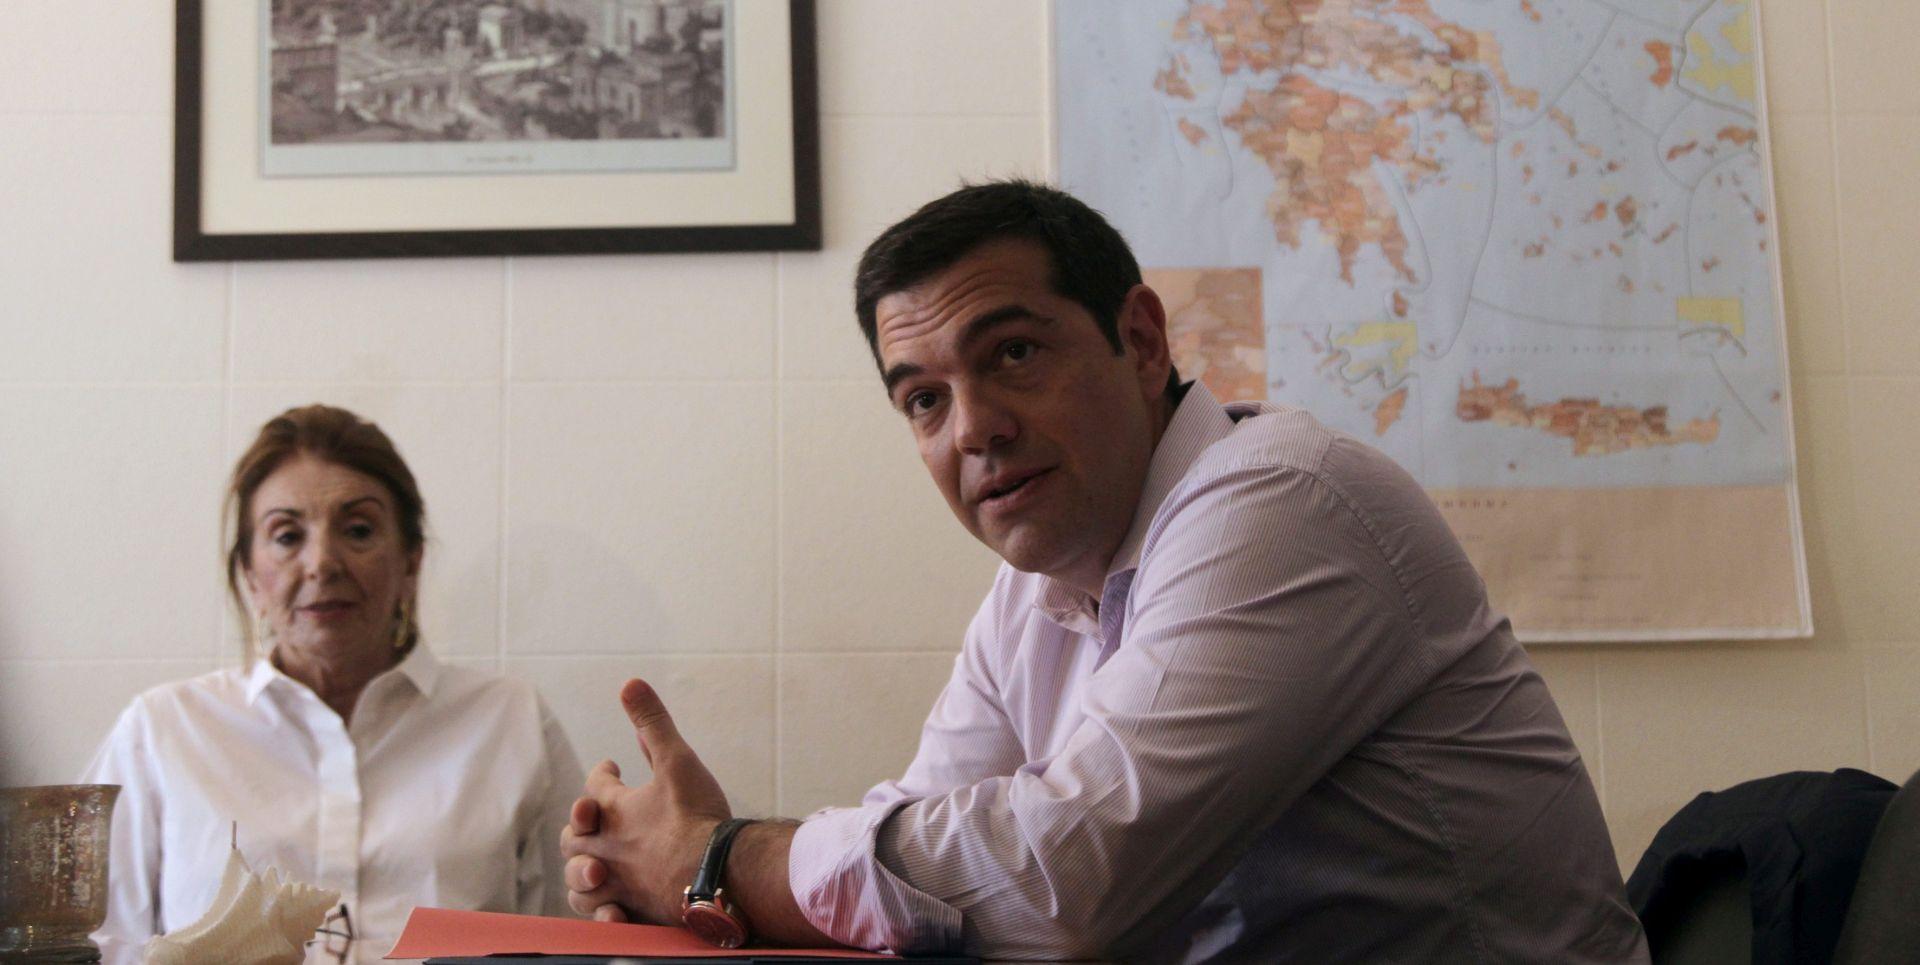 NAKON MINISTARSKE SJEDNICE Cipras obećao bolju skrb za migrante u Grčkoj